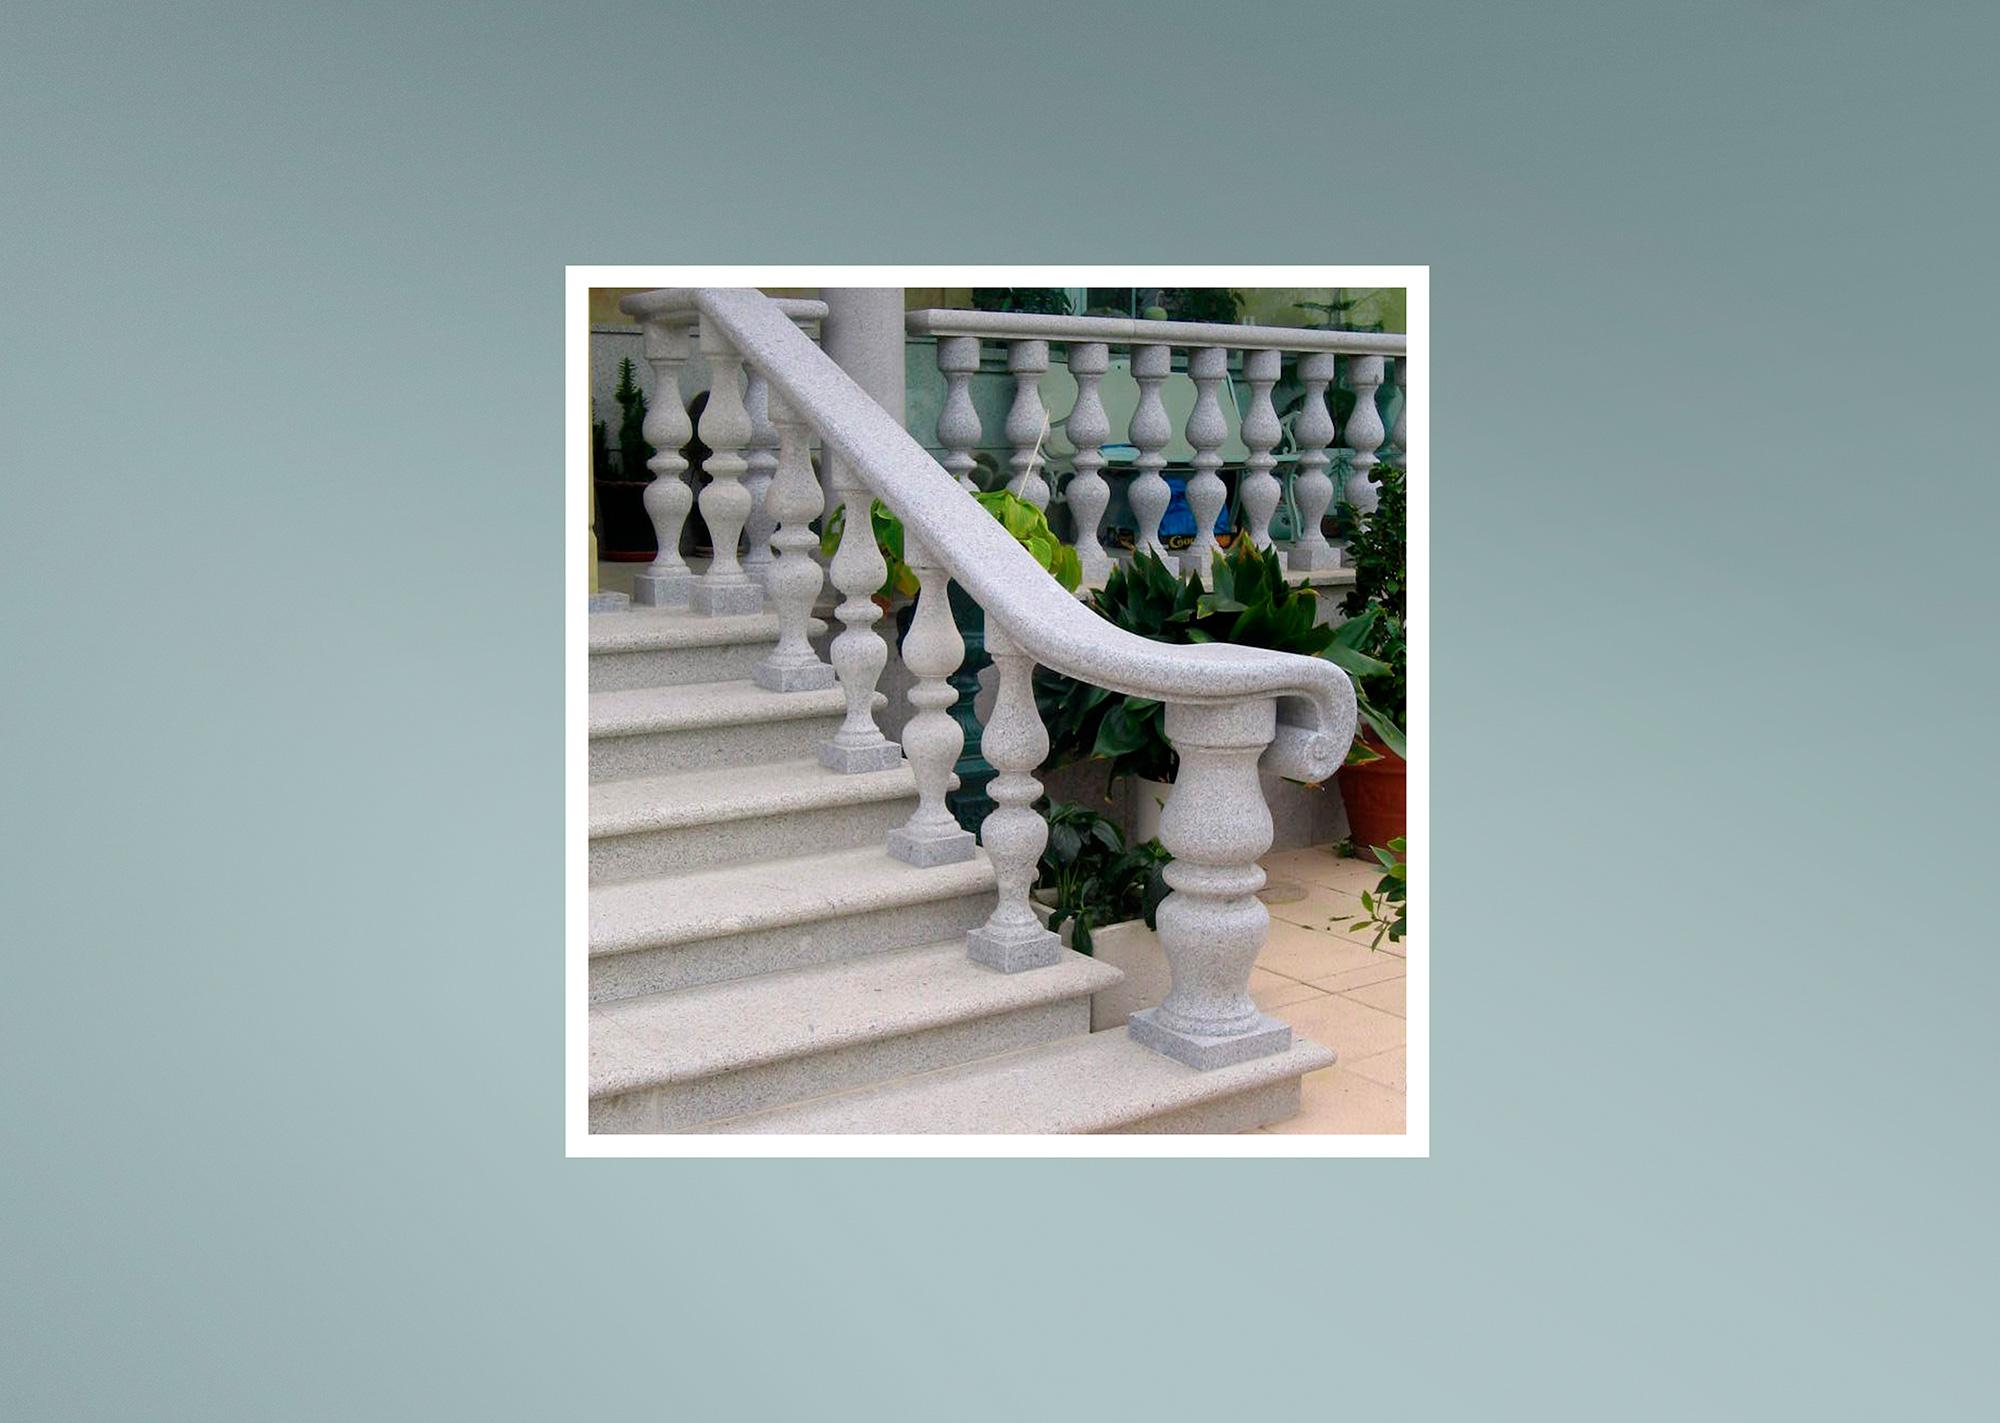 Balaustrada de escalera